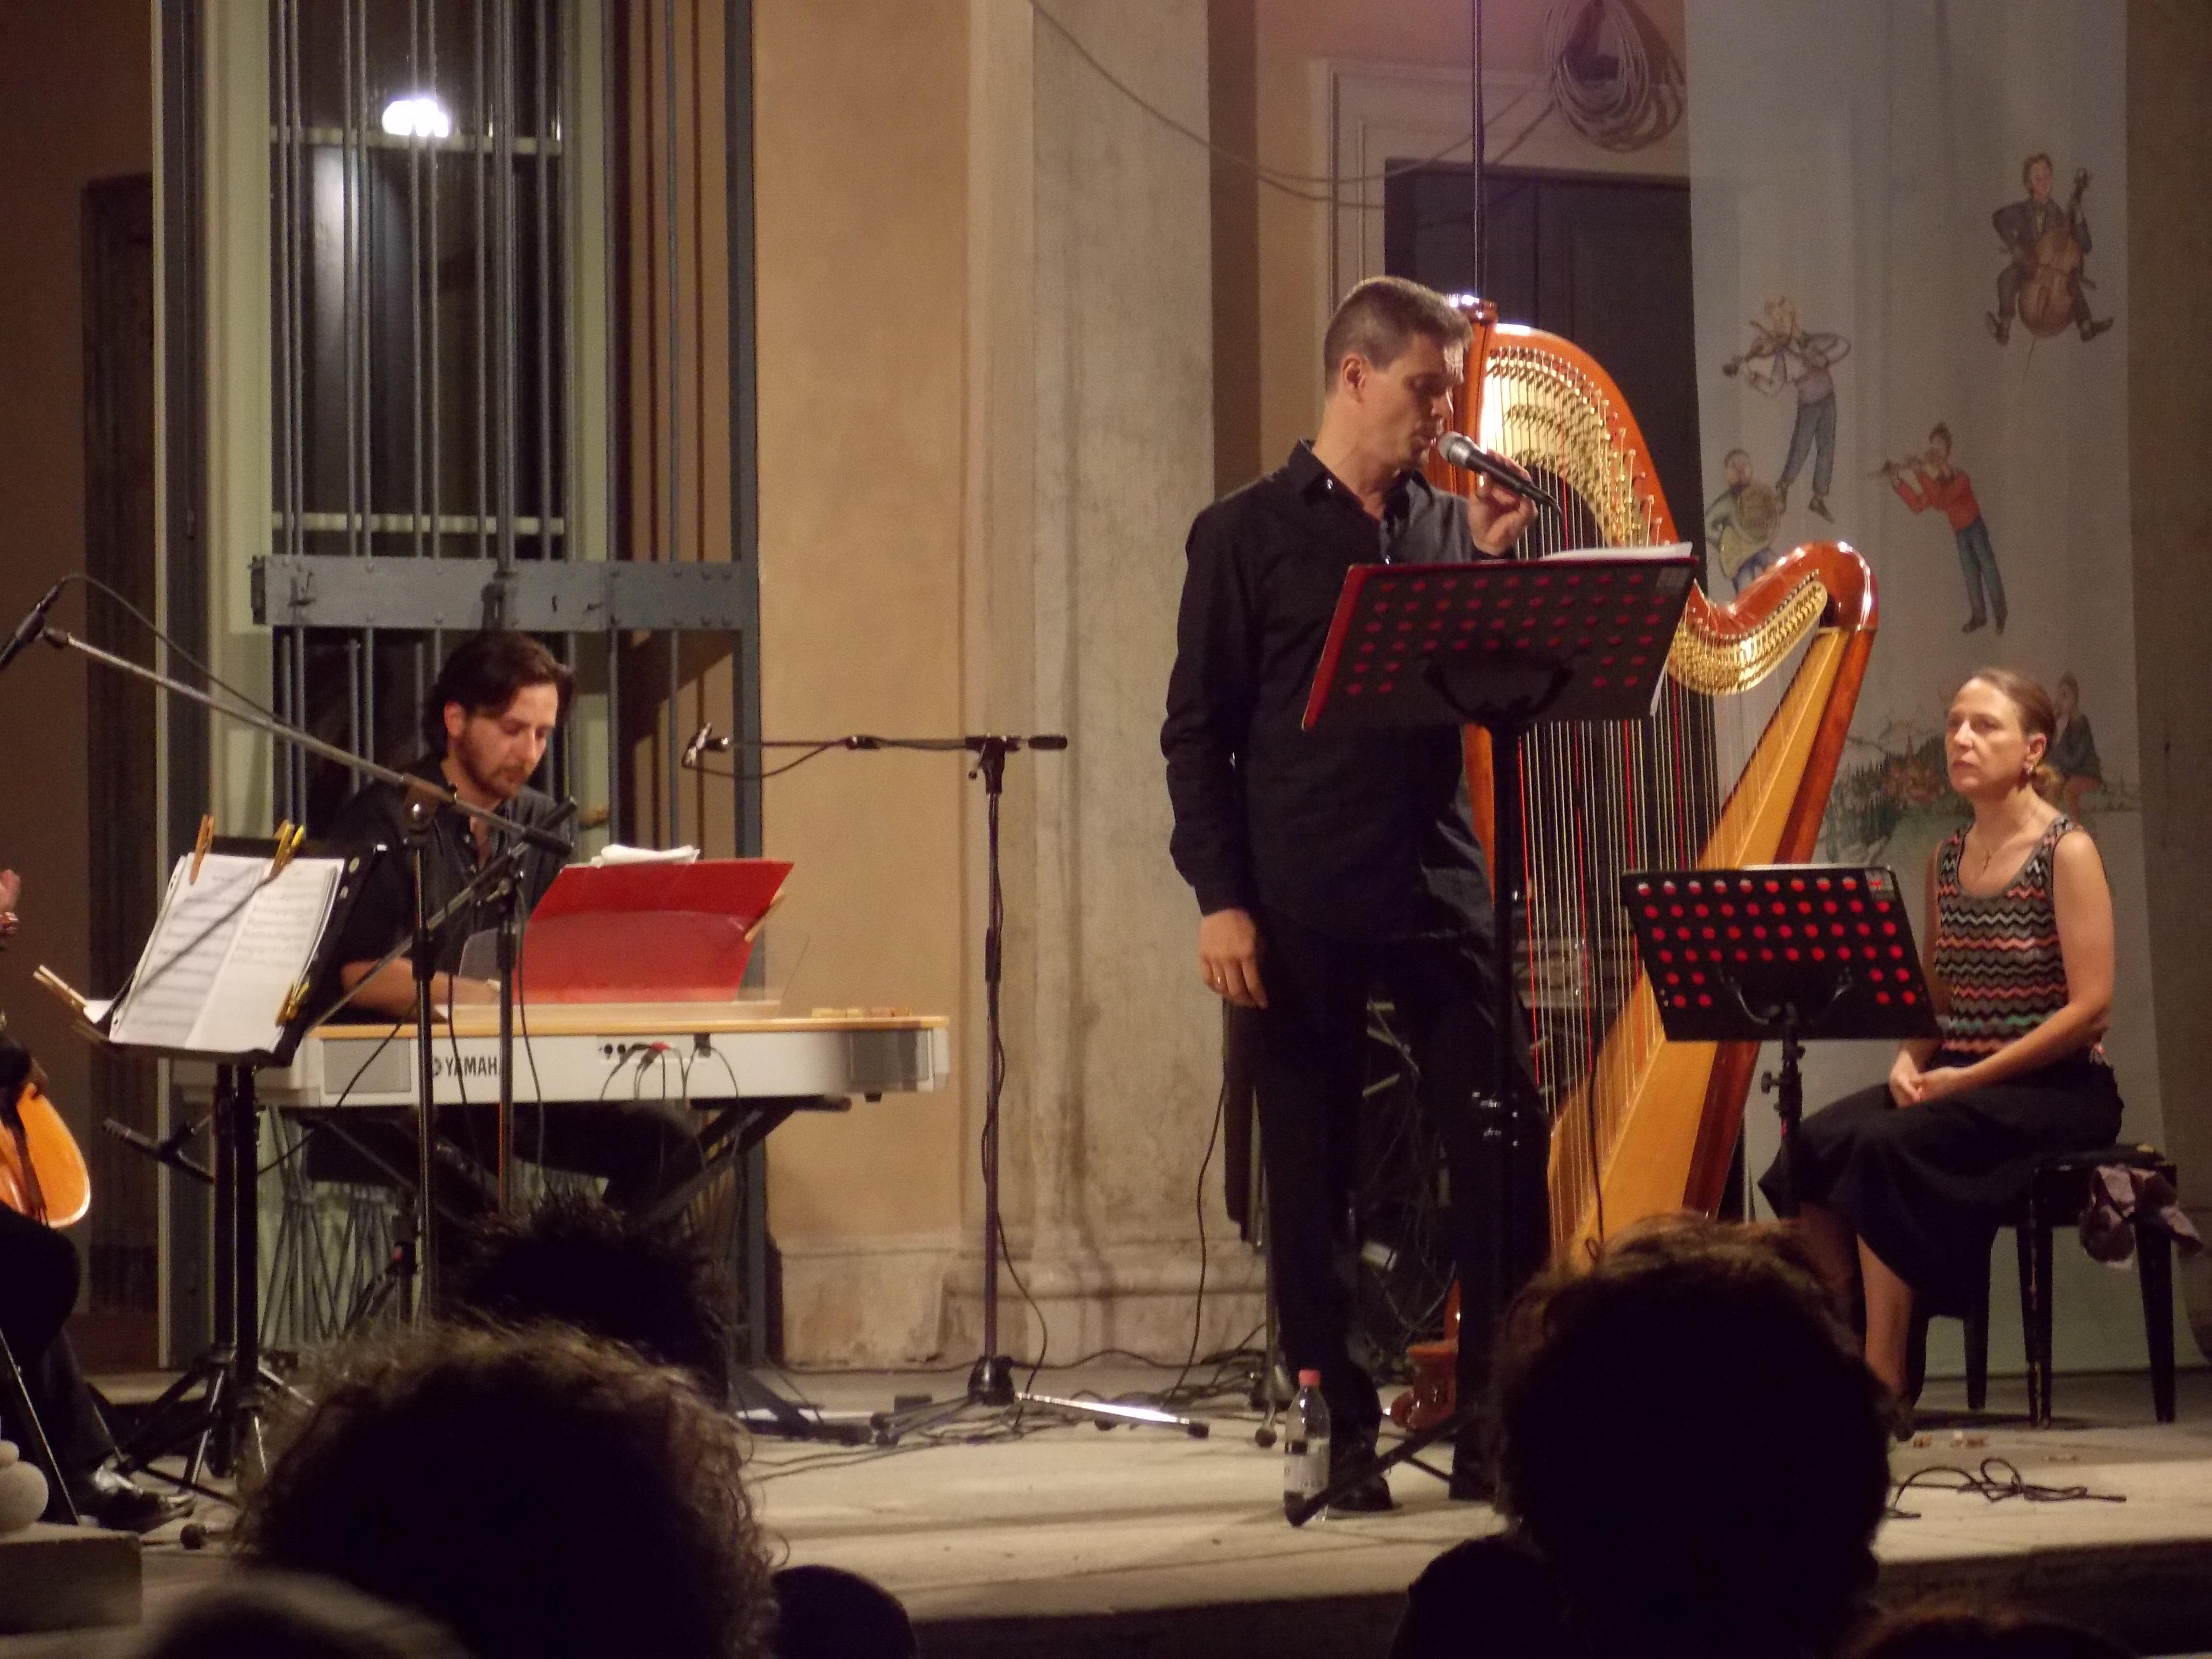 concerto musica classica (1)